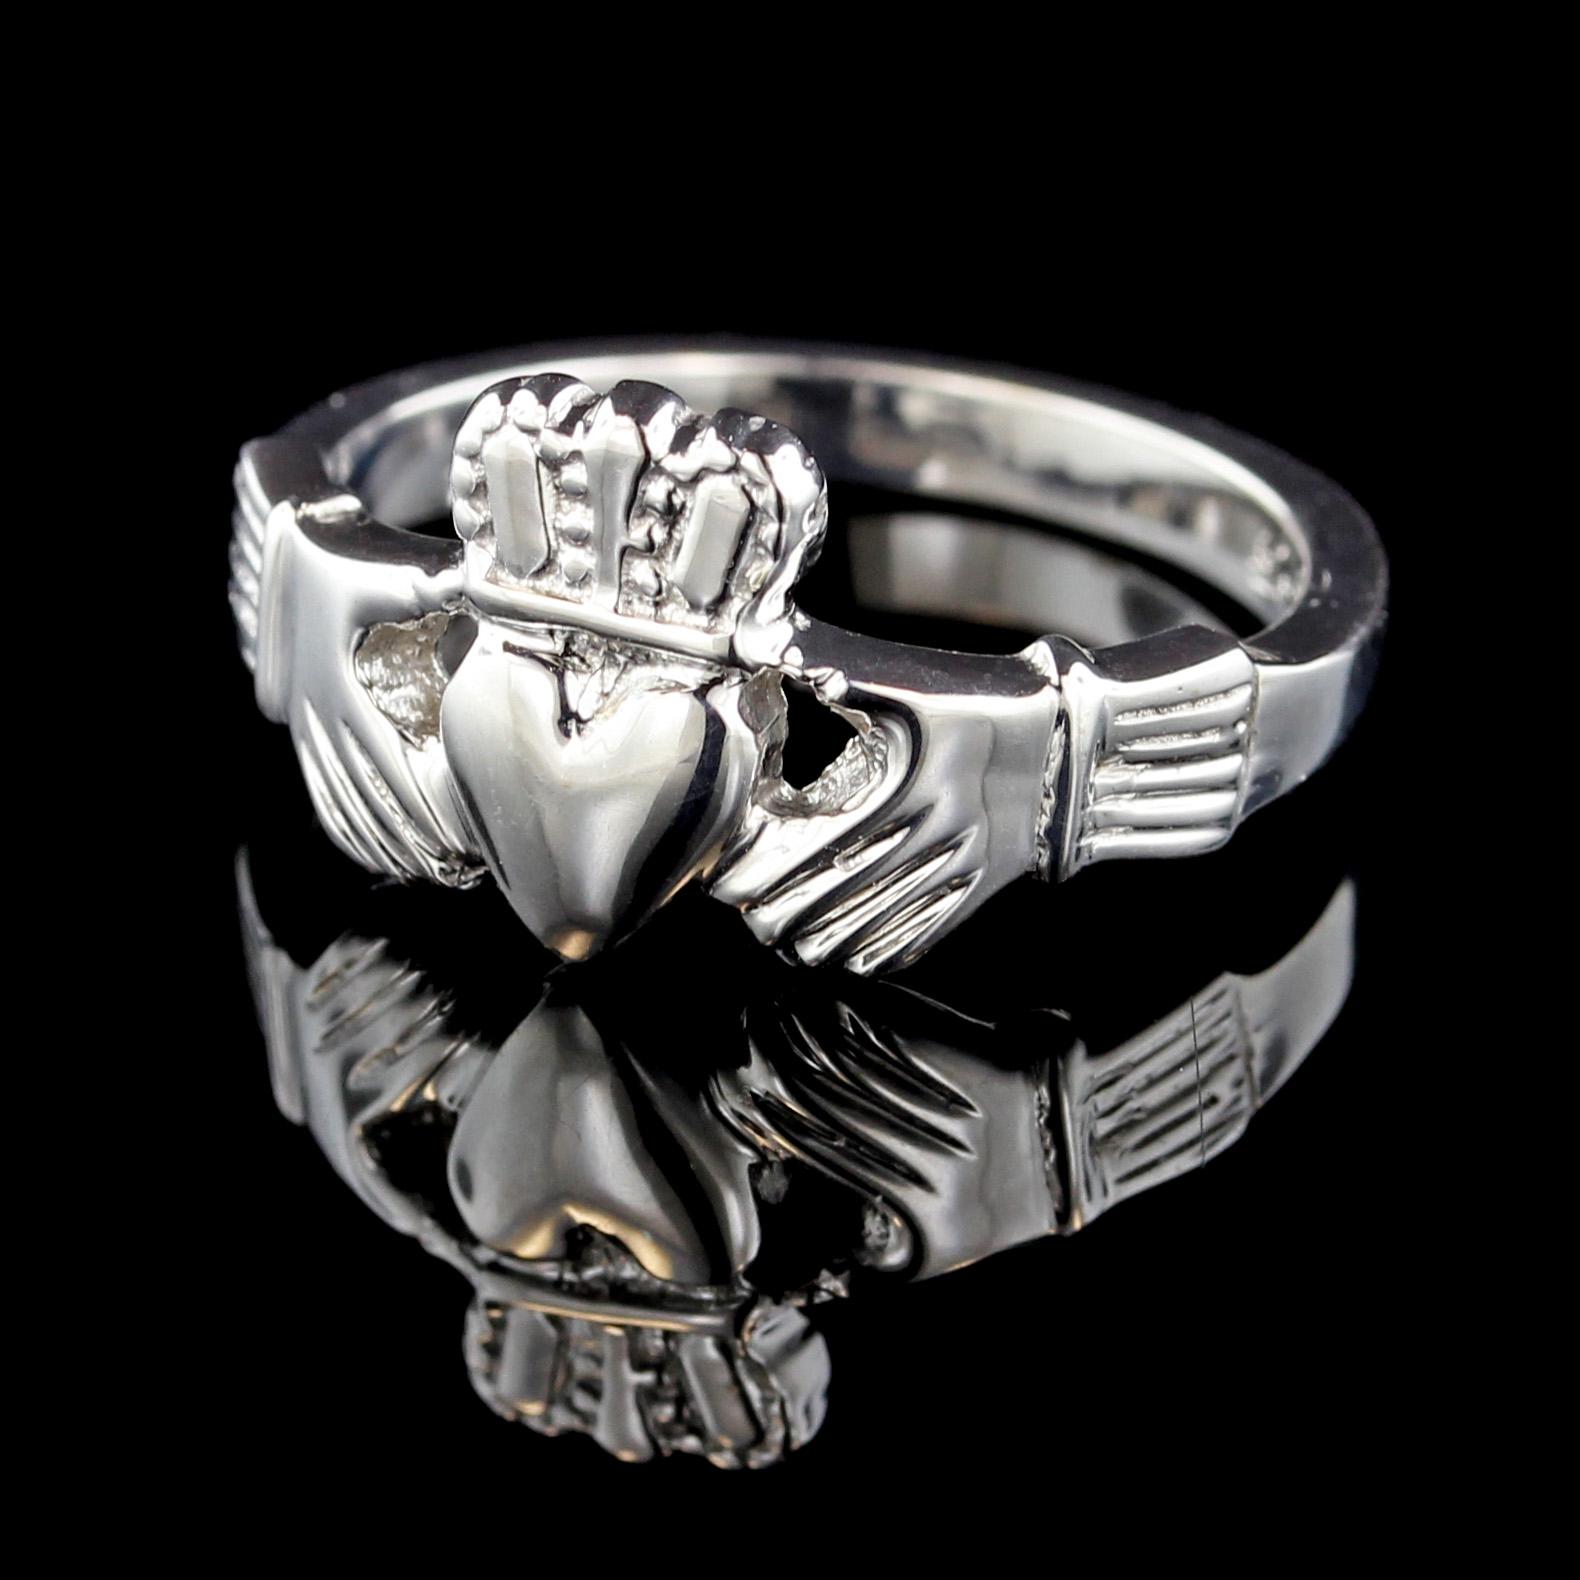 cladaugh ring